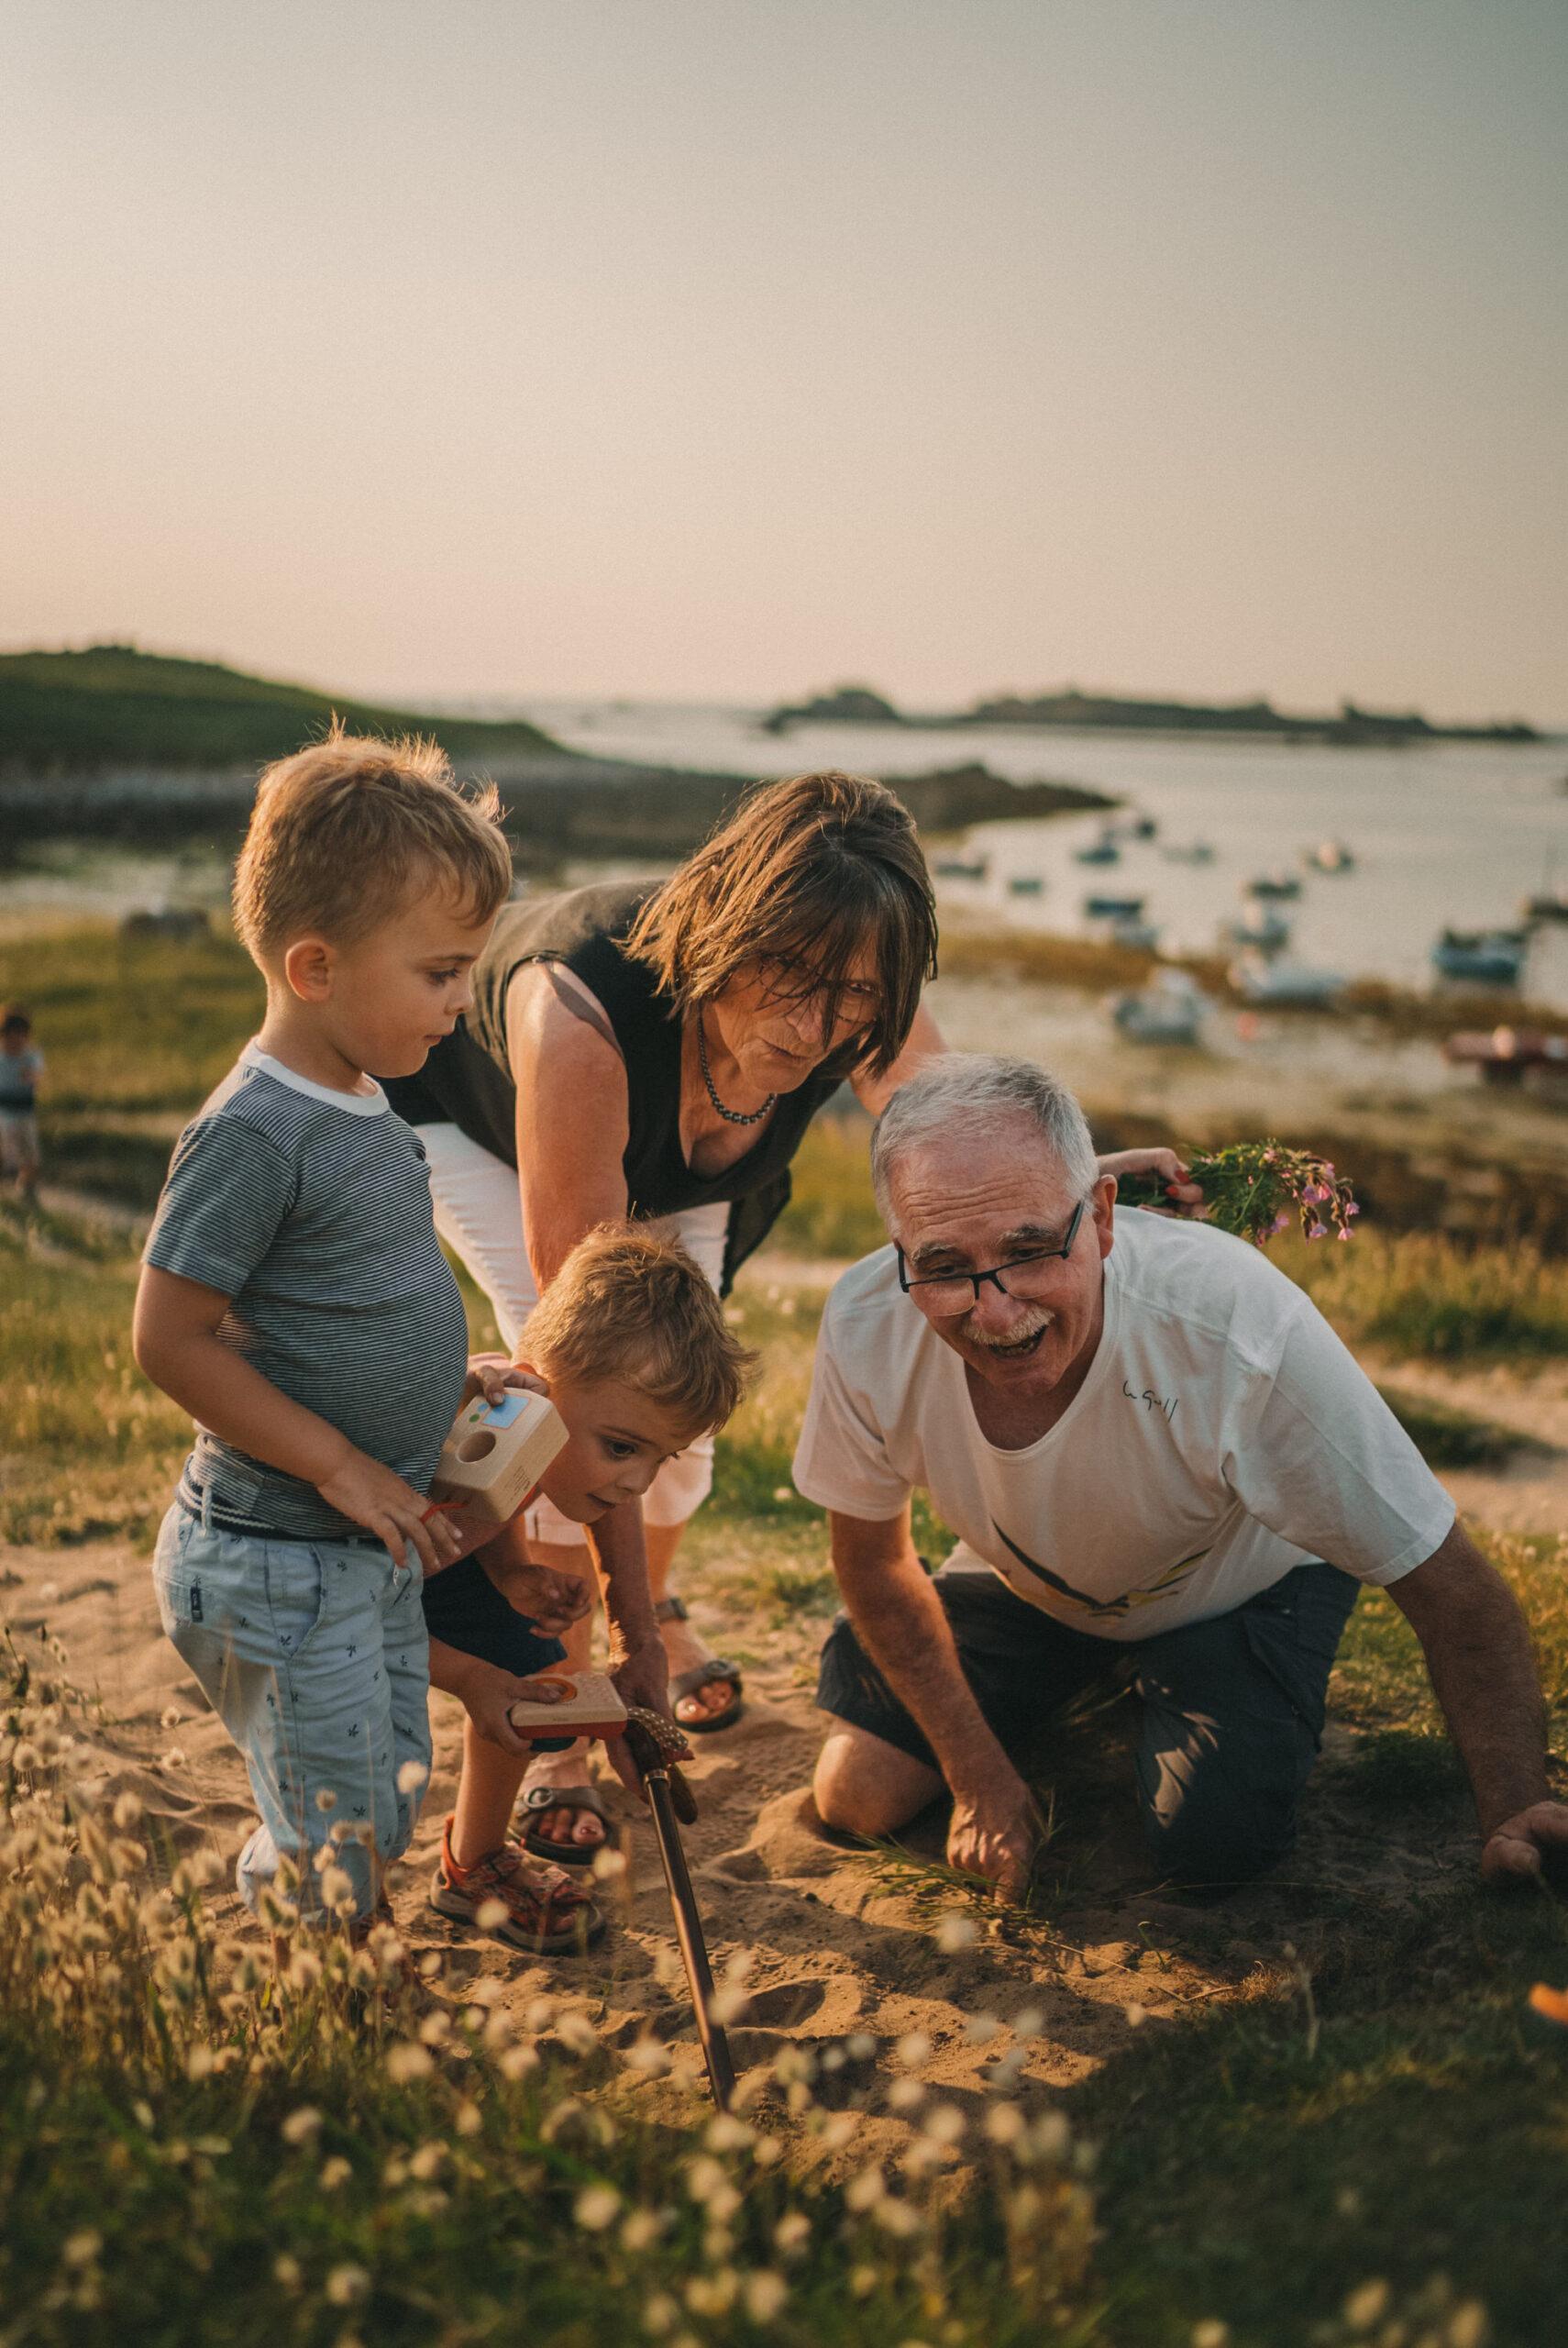 2021.07.20 Photo De Famille A Porspoder En Bretagne Par Antoine Borzeix 285 Scaled, Photographe & Videaste à Brest / Finistère